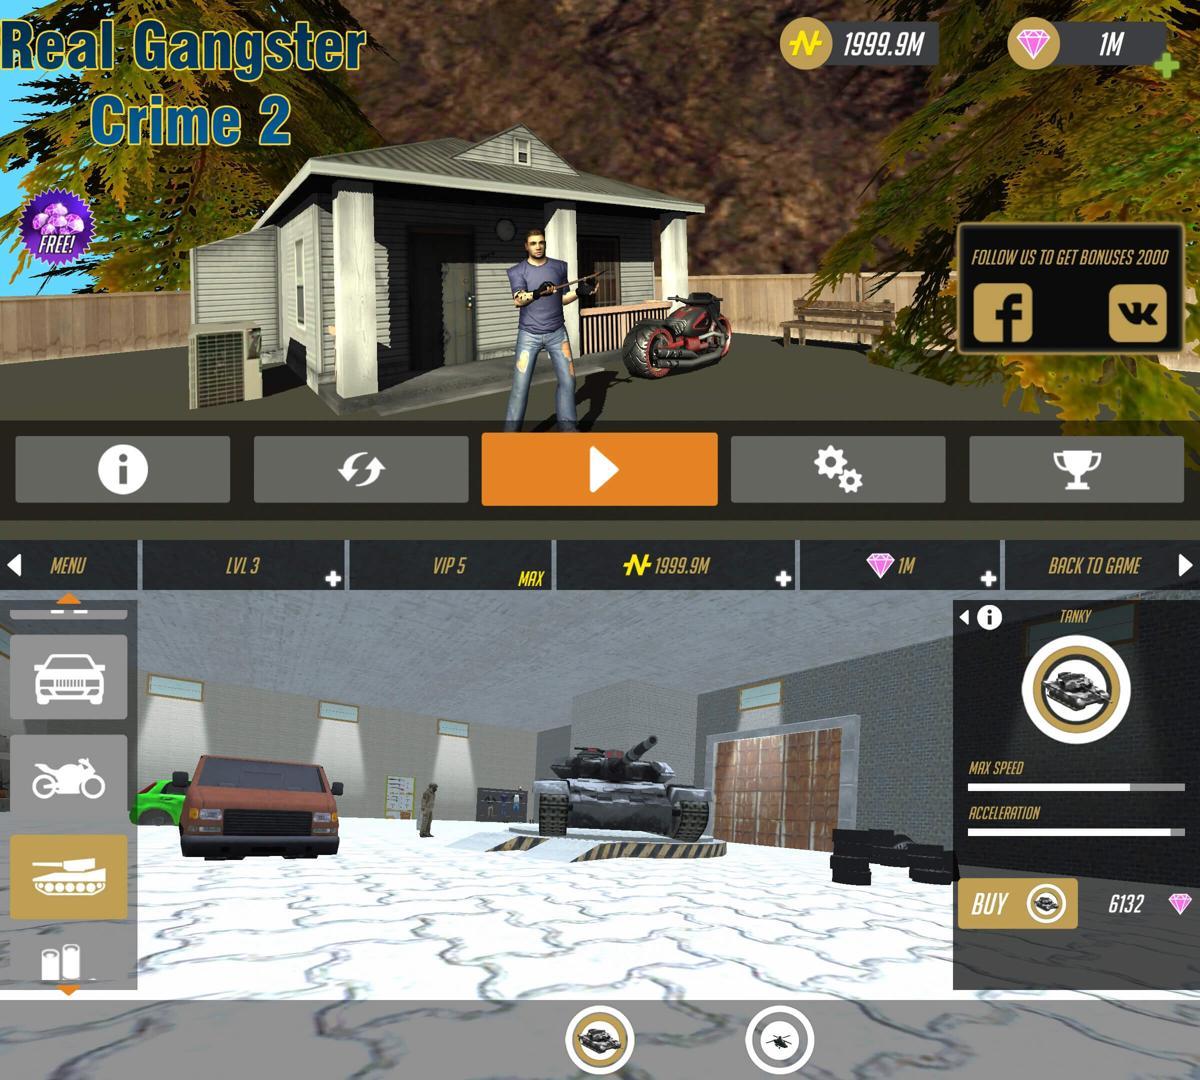 冒险射击游戏 真实黑帮犯罪2